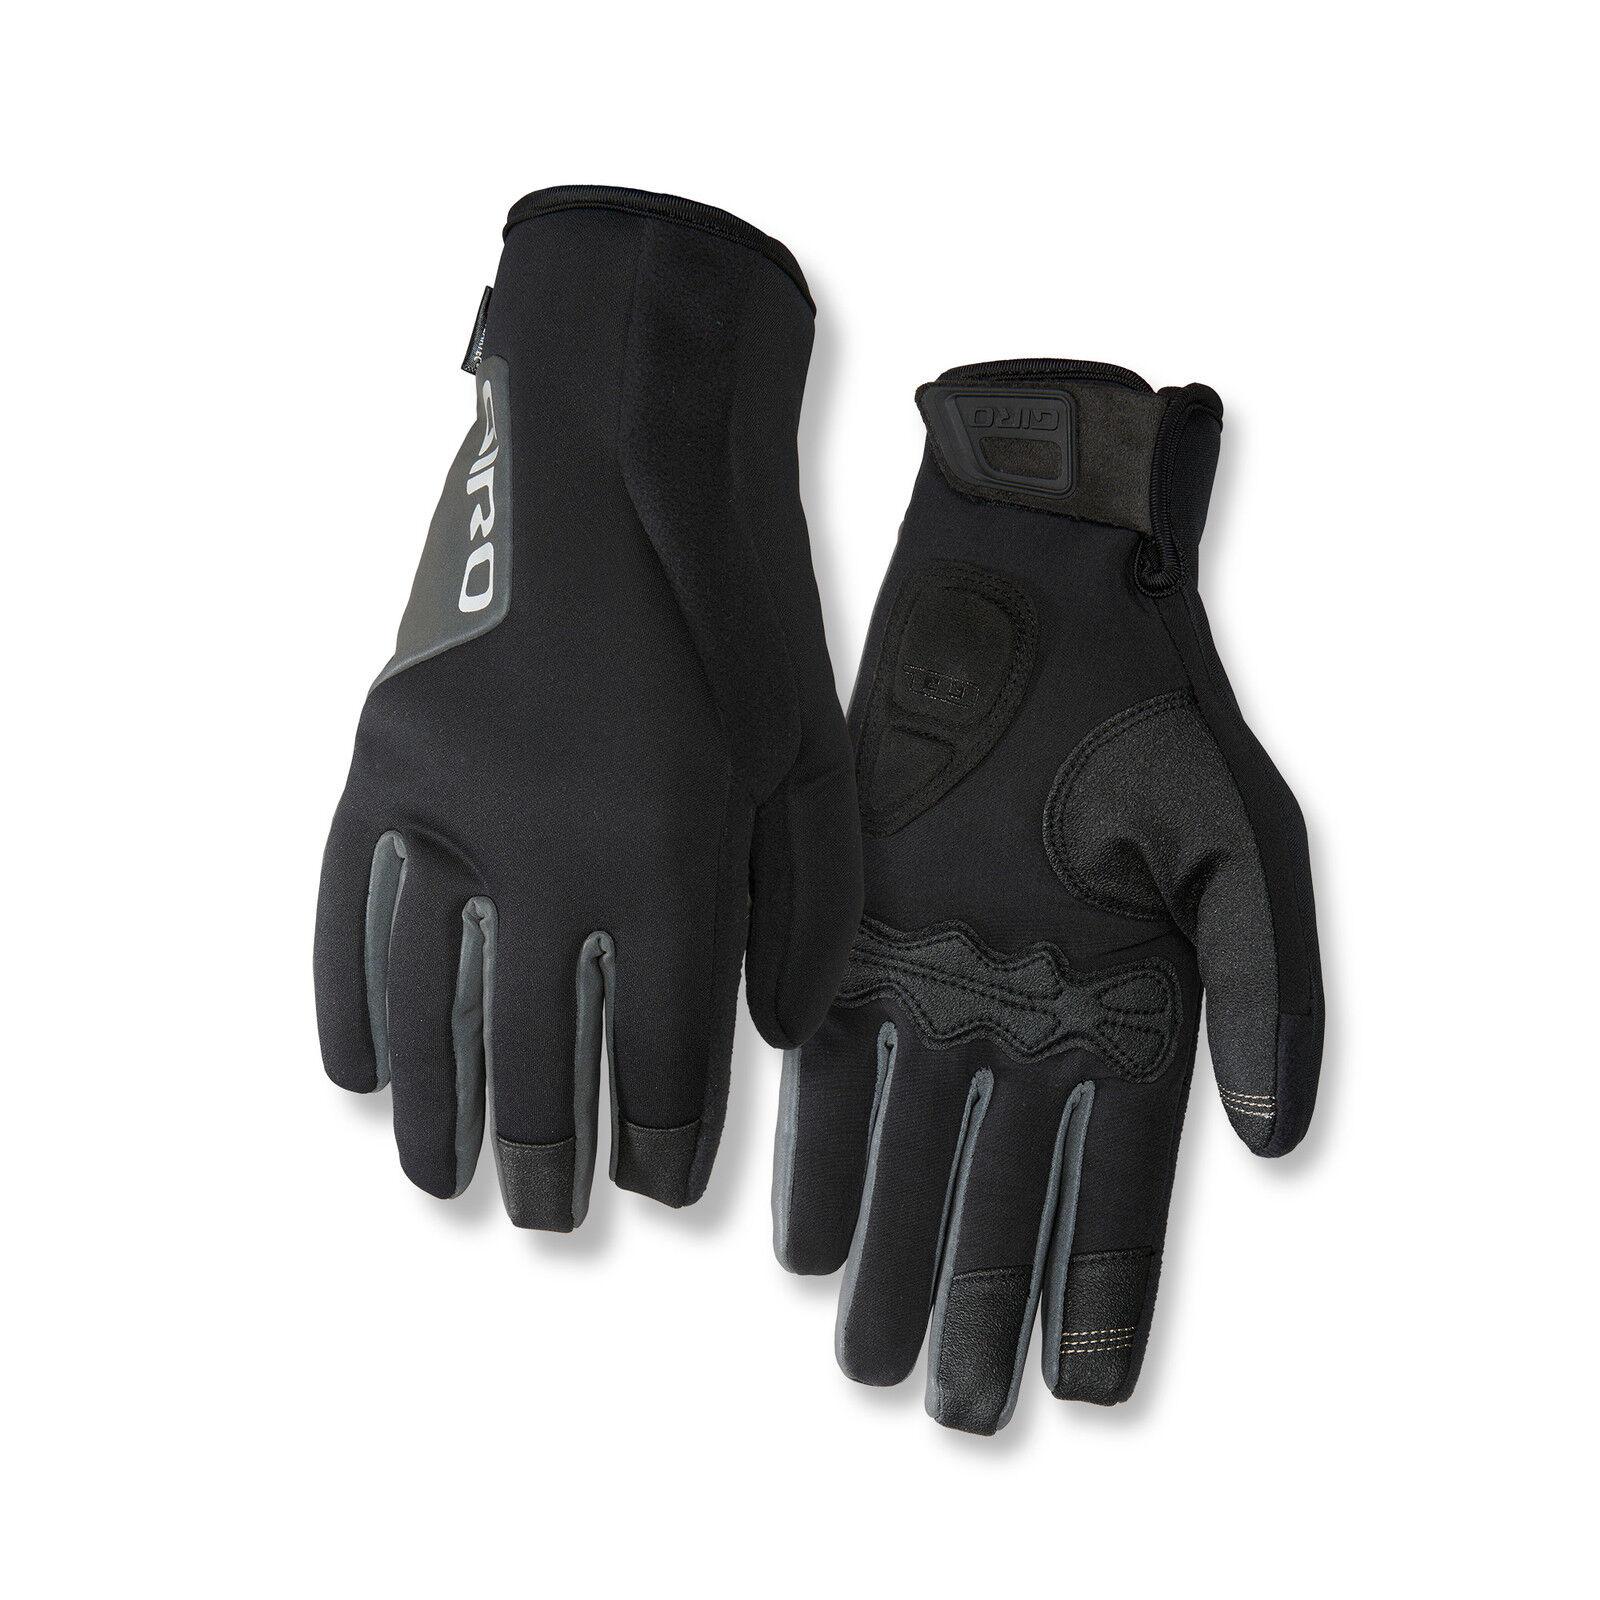 Giro ambient 2.0 invierno bicicleta guantes Lang negro 2019   hasta 42% de descuento